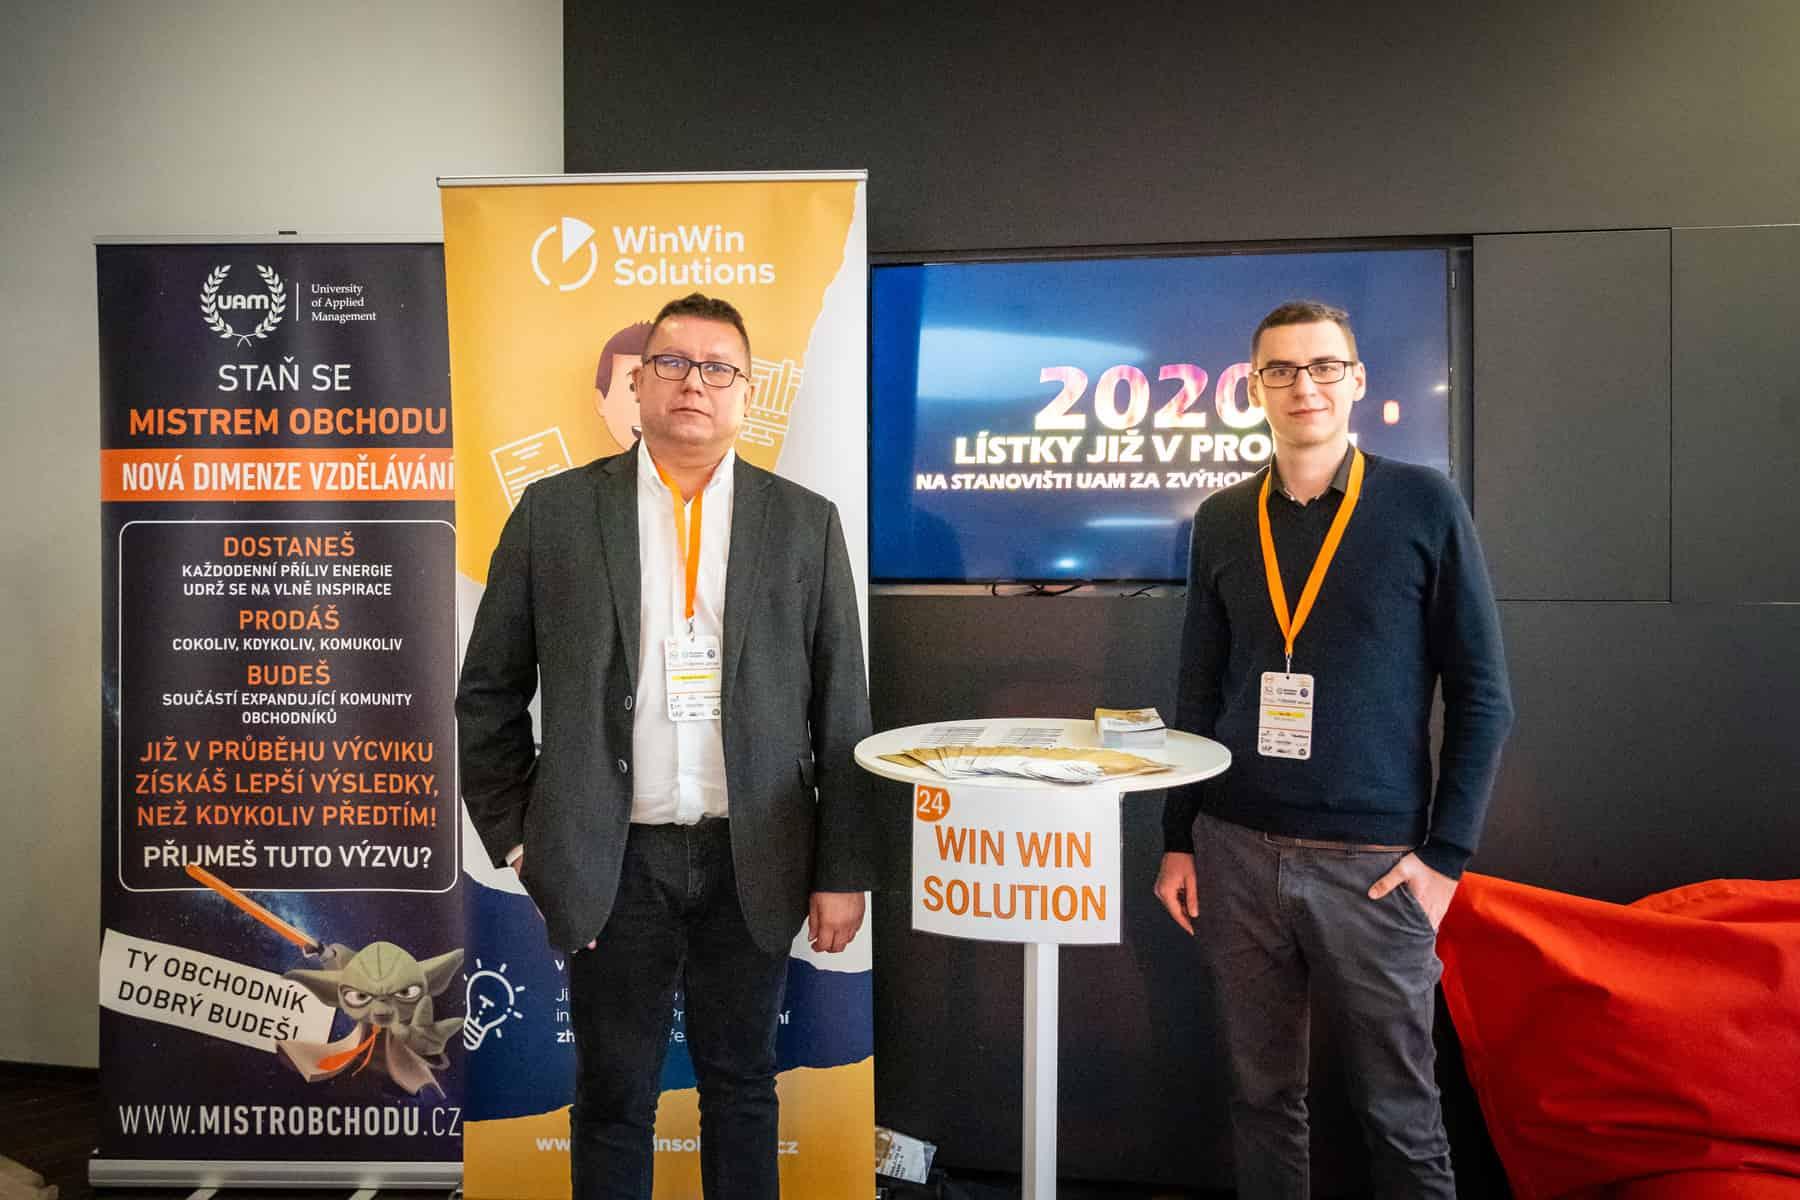 WinWin solutions na nejvýznamnější konference managementu a leadershipu